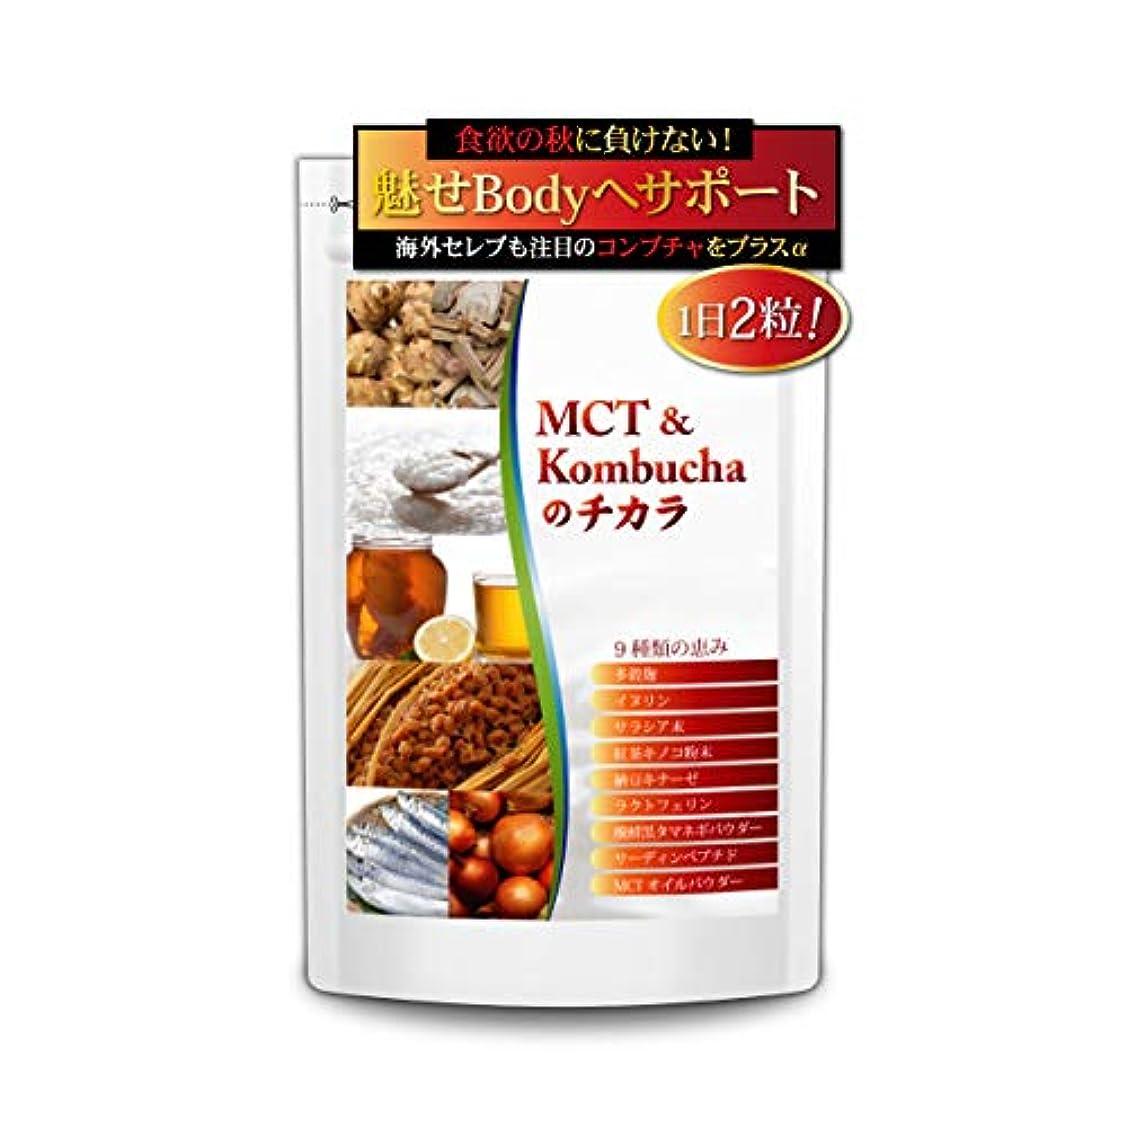 合法補う予防接種MCT&Kombuchaのチカラ コンブチャ 麹 MCTオイル ダイエット サプリメント 60粒?約30日分